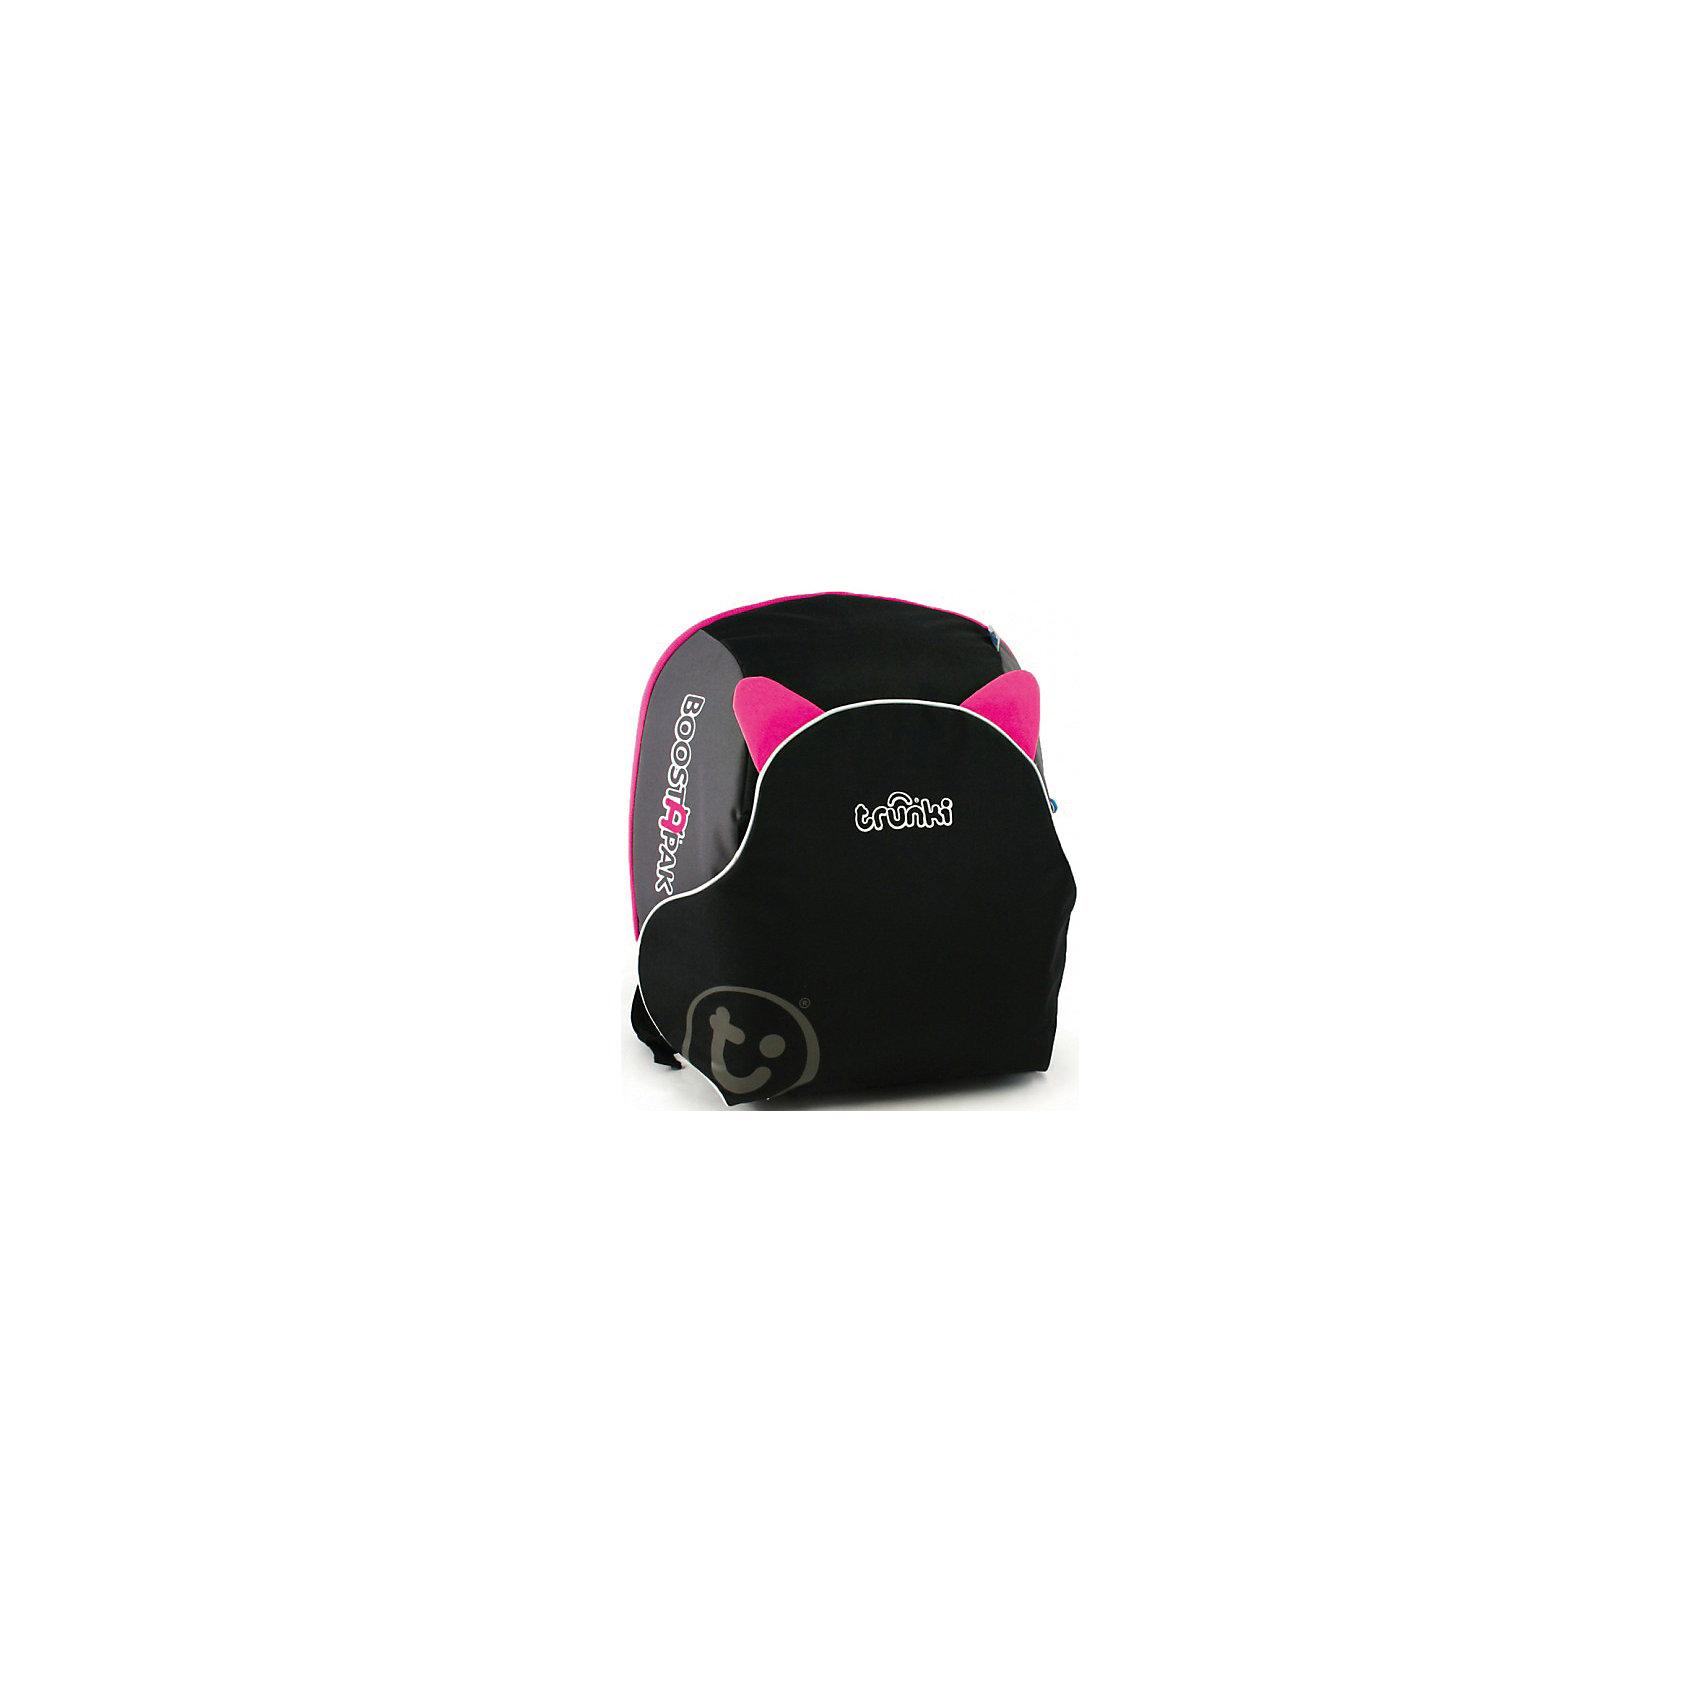 Автокресло-рюкзак черно-розовоеФункциональное автокресло Trunki сделает поездку Вашего ребенка в автомобиле еще более приятной и безопасной. Оригинальная конструкция совмещает в себе рюкзак и комфортный бустер. Легкий и удобный рюкзак изготовлен из жесткого пластика и вмещает в себя все необходимые в дороге вещи и игрушки ребенка. Внутри вместительное отделение на молнии. Рюкзак оснащен эргономичными регулируемыми лямками, имеются светоотражающие полосы. При необходимости его легко можно трансформировать в удобное кресло-бустер и обратно. При этом отсек рюкзака, в который помещаются тетради и учебники, превращается в сиденье, а специальный карман-клапан - в спинку. Складные пластиковые подлокотники обеспечивают дополнительный комфорт. Кресло устанавливается в салоне штатными 3-х точечными ремнями безопасности на заднем сиденье лицом по ходу движения автомобиля. Съемный чехол можно стирать и чистить. Автокресло-рюкзак - идеальный вариант для поездок и путешествий, детское сидение для машины всегда за плечами Вашего ребенка. Бустер рассчитан на детей до 13 лет, ростом до 135 см. и весом до 35 кг. Соответствует нормативам безопасности - норматив ECE R44.04 для группы 2 и группы 3.<br><br>Дополнительная информация:<br><br>- Цвет: черно-розовый<br>- Материал: жесткий пластик, текстиль.<br>- Размер: 36 х 40 х 16 см.<br>- Вес: 1,5 кг.<br><br>Автокресло черно-розовое, Trunki, можно купить в нашем интернет-магазине.<br><br>Ширина мм: 400<br>Глубина мм: 360<br>Высота мм: 180<br>Вес г: 1700<br>Возраст от месяцев: 48<br>Возраст до месяцев: 132<br>Пол: Мужской<br>Возраст: Детский<br>SKU: 4661177